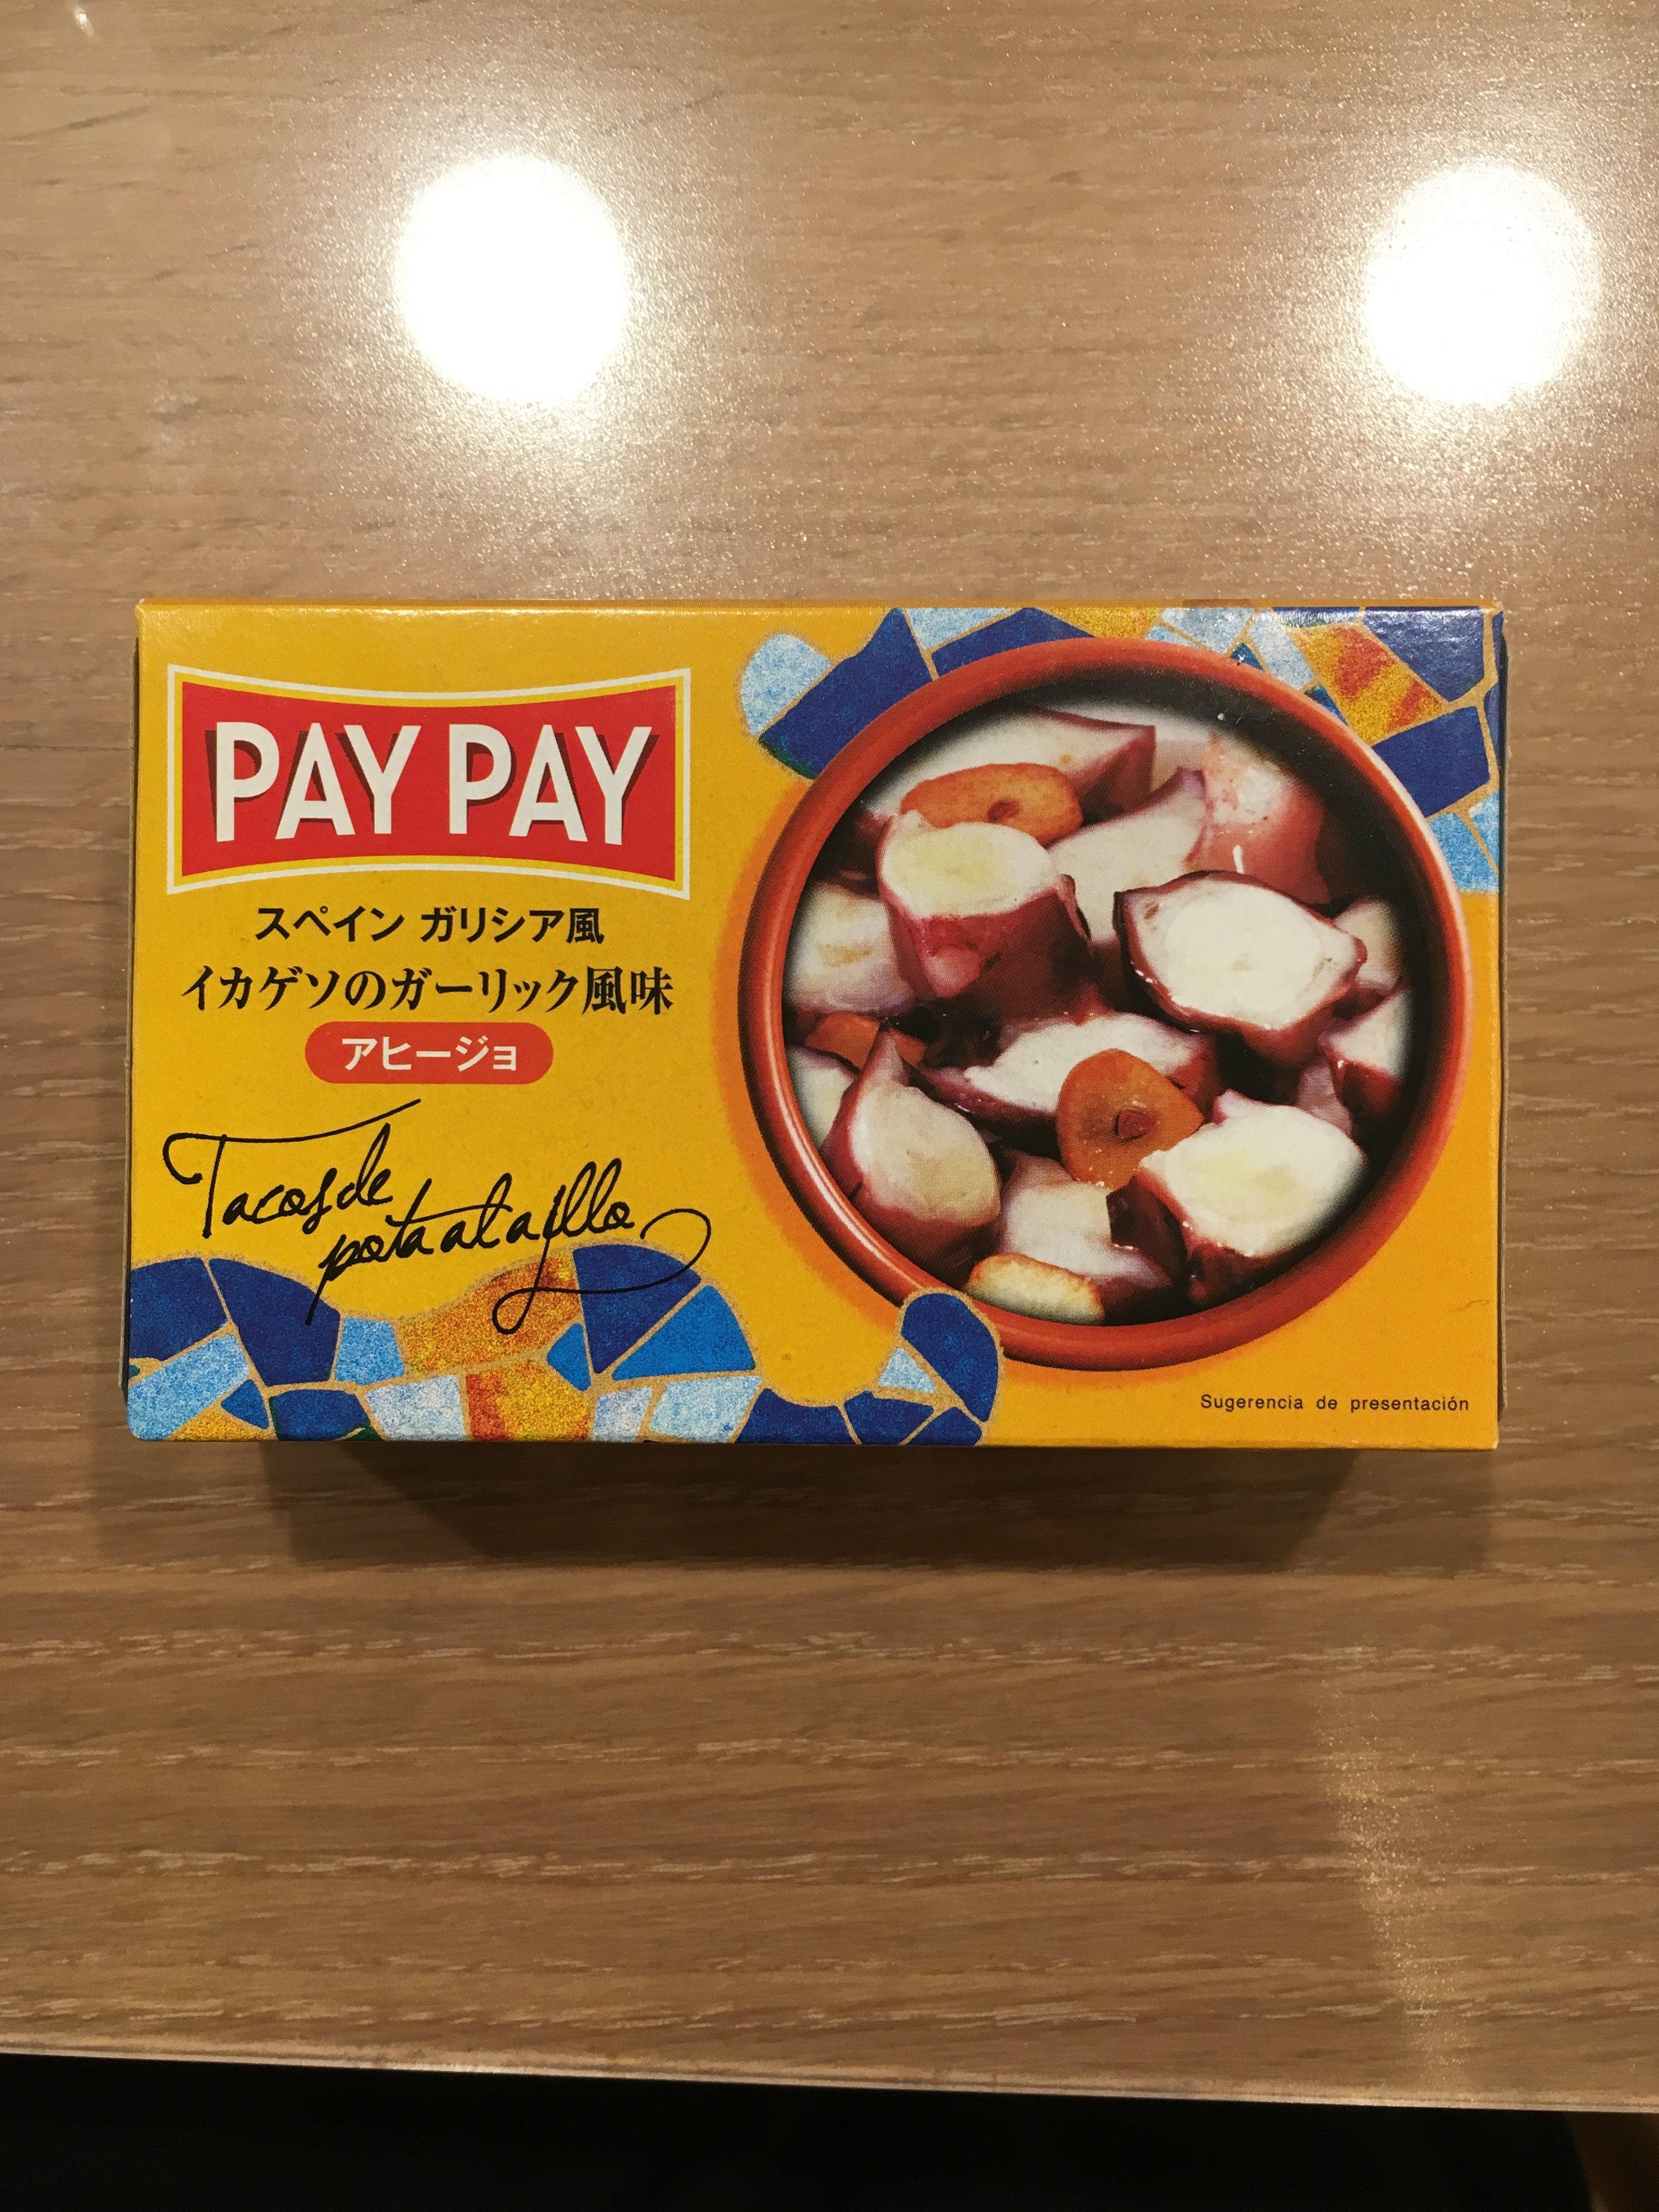 PAYPAY(ペイペイ) 缶詰 スペイン ガリシア風 イカゲソのガーリック風味 アヒージョ スペイン缶詰のレベル高し